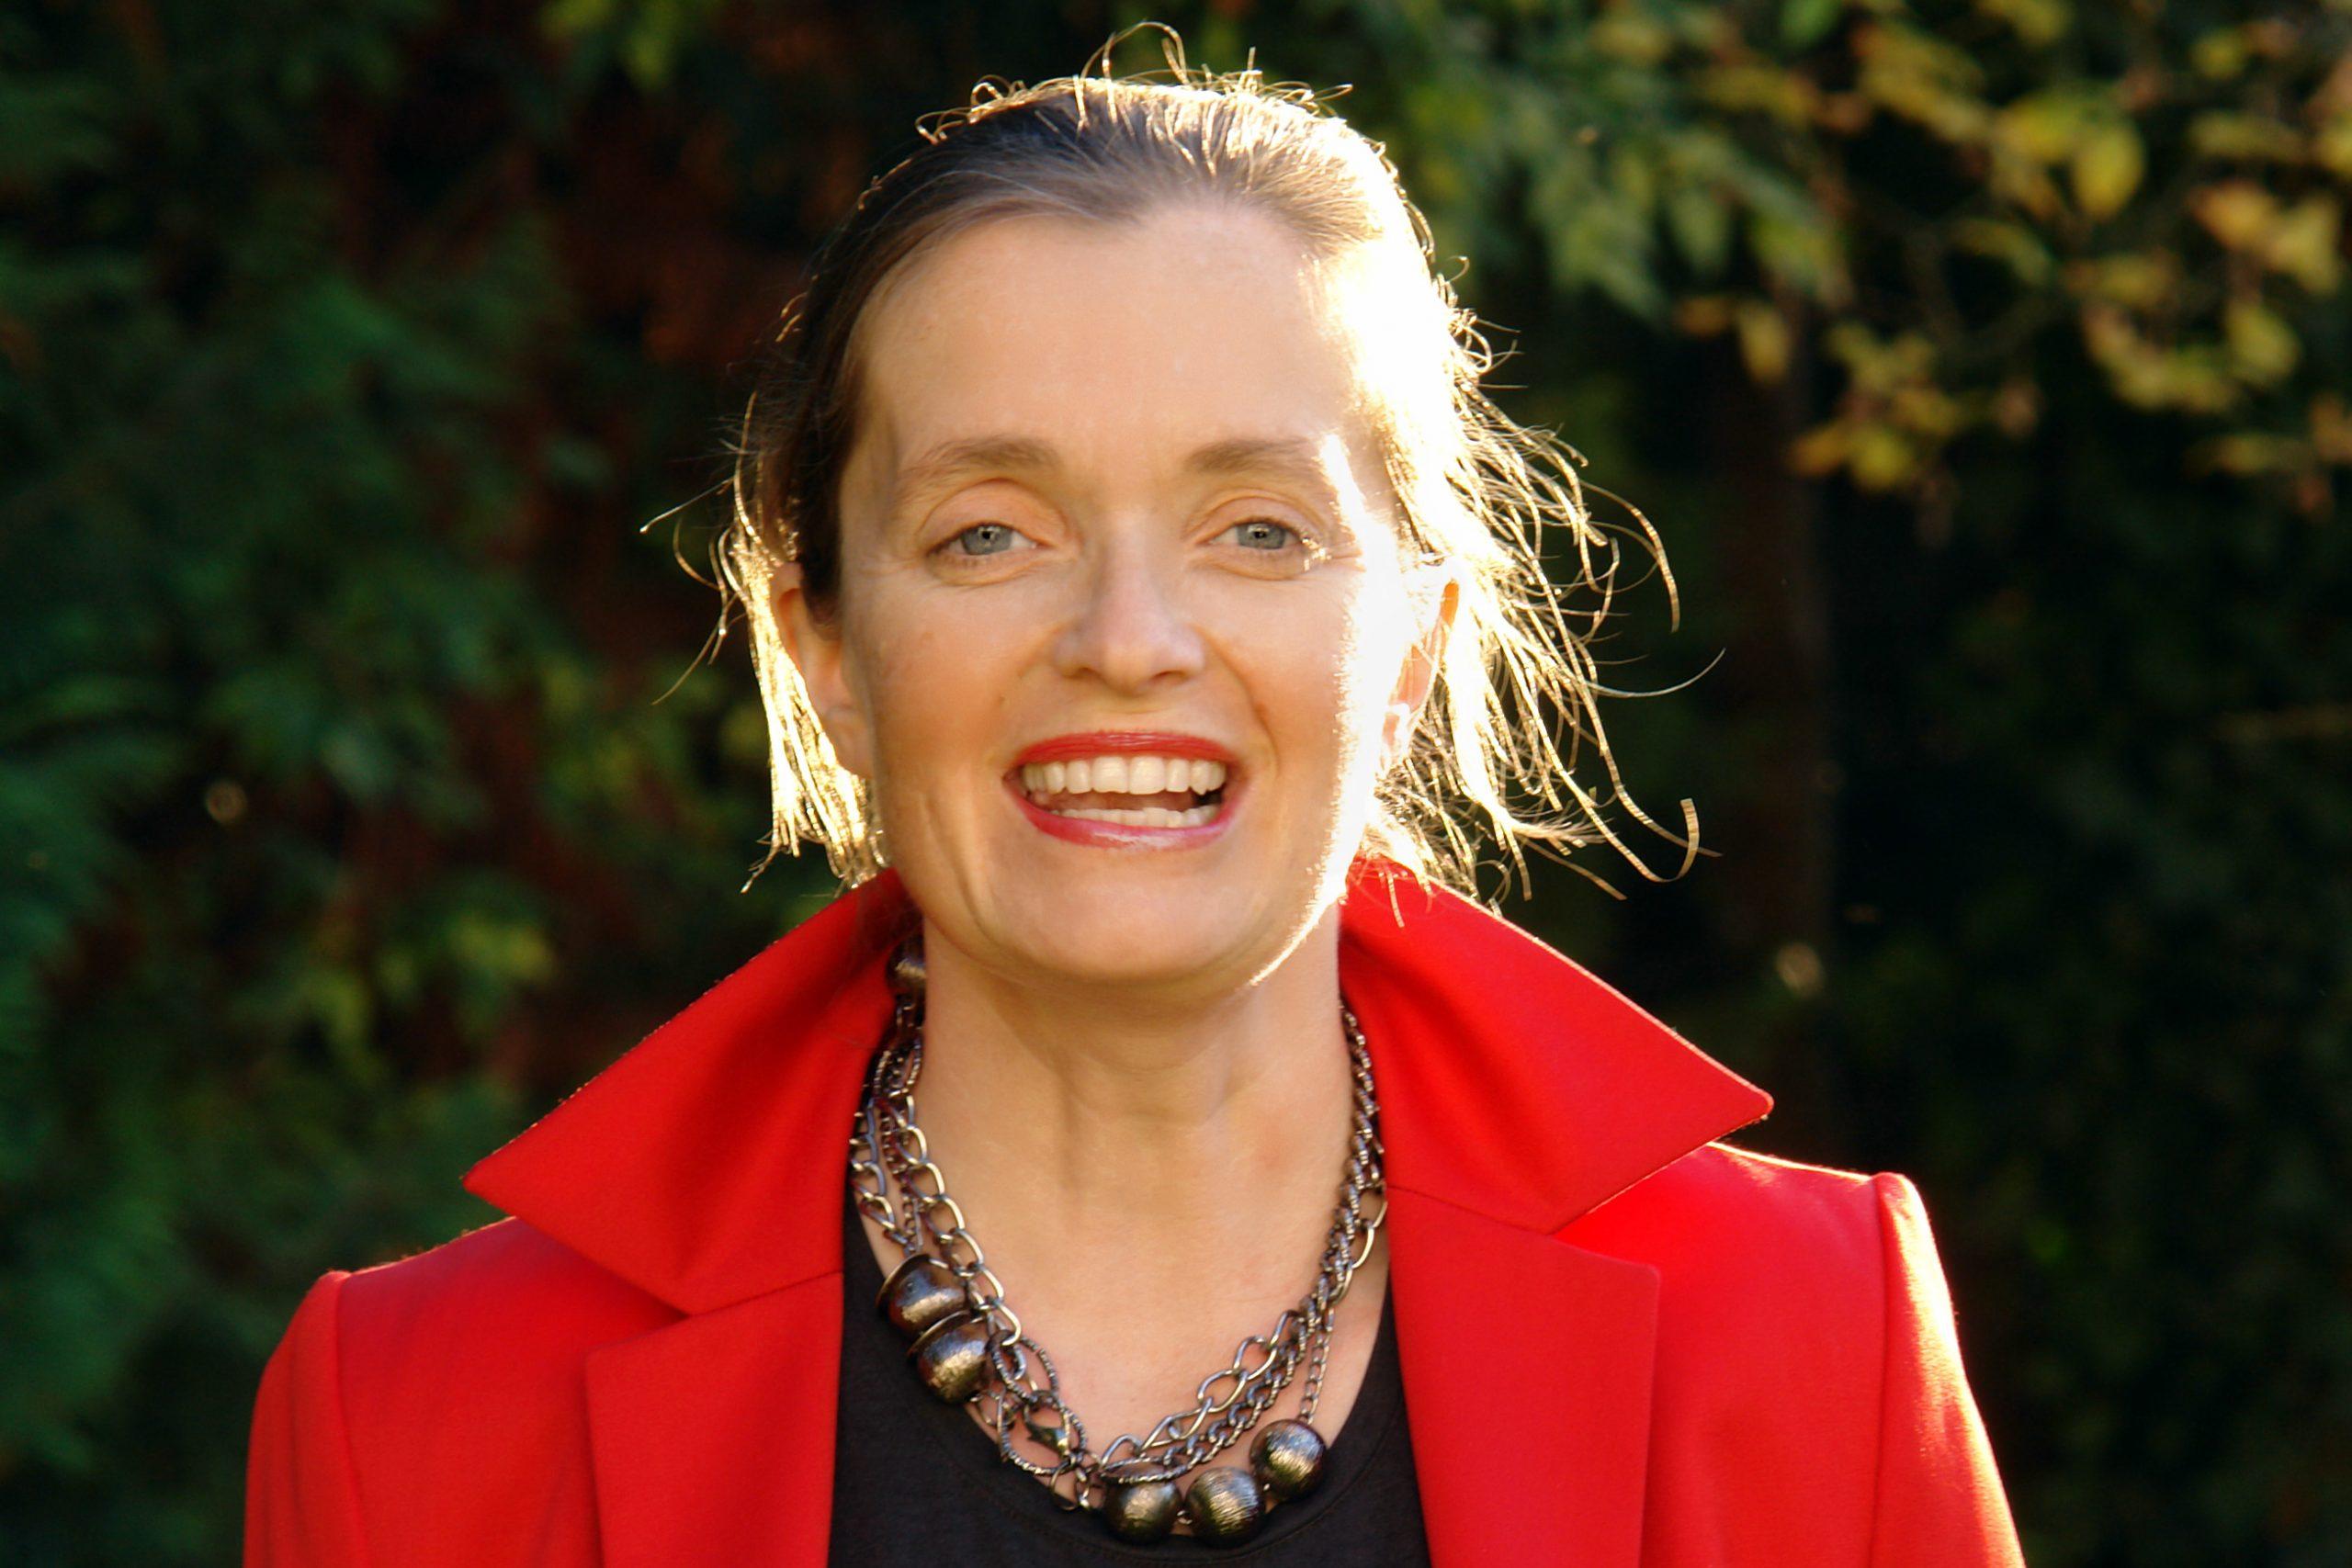 Magda Gasser